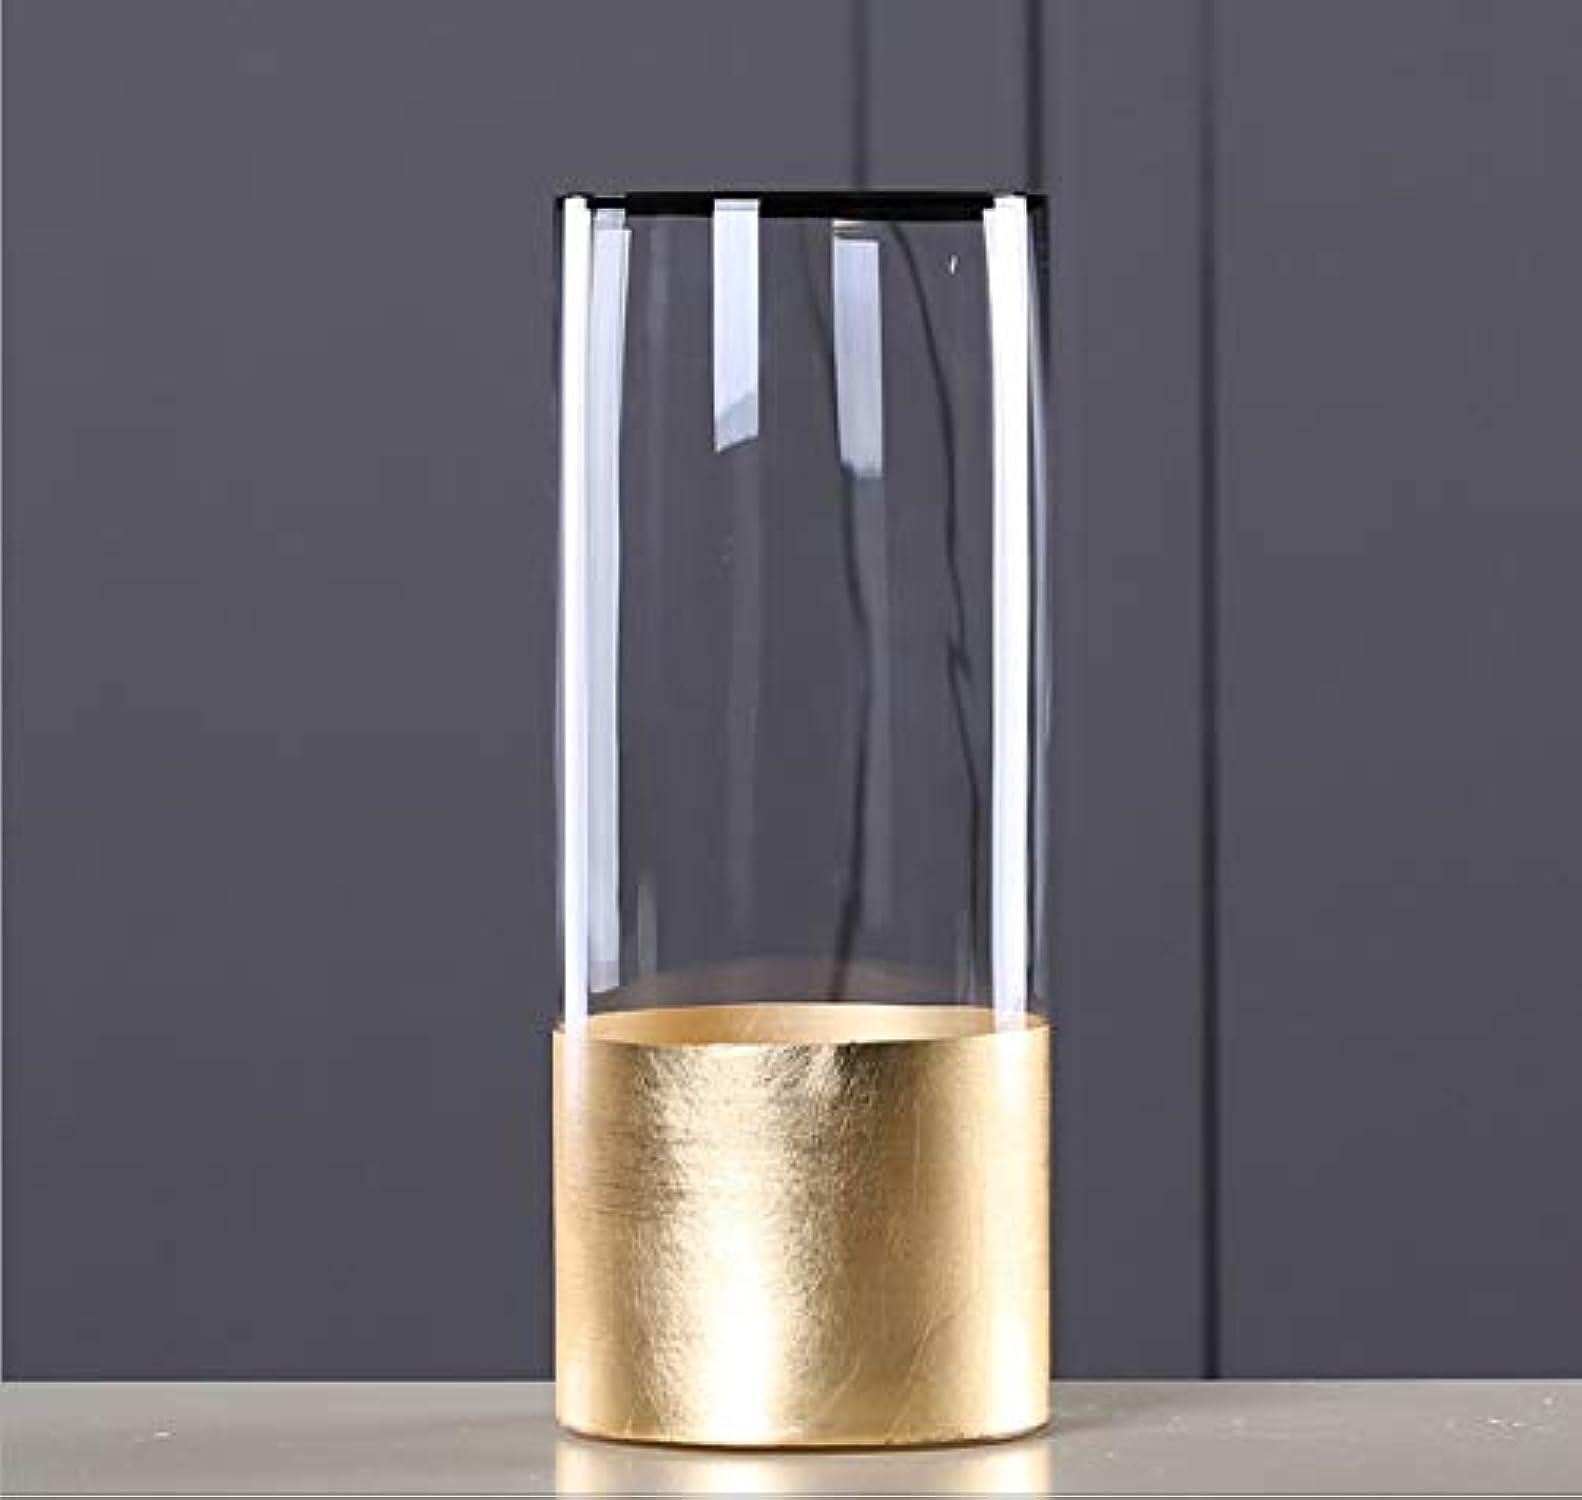 XMDNYE Vase à Fleur en Verre européen avec Feuille d'or Figurines Salon Decor Or Vase de Table Artisanat ménage OrneHommest Cadeaux de Mariage